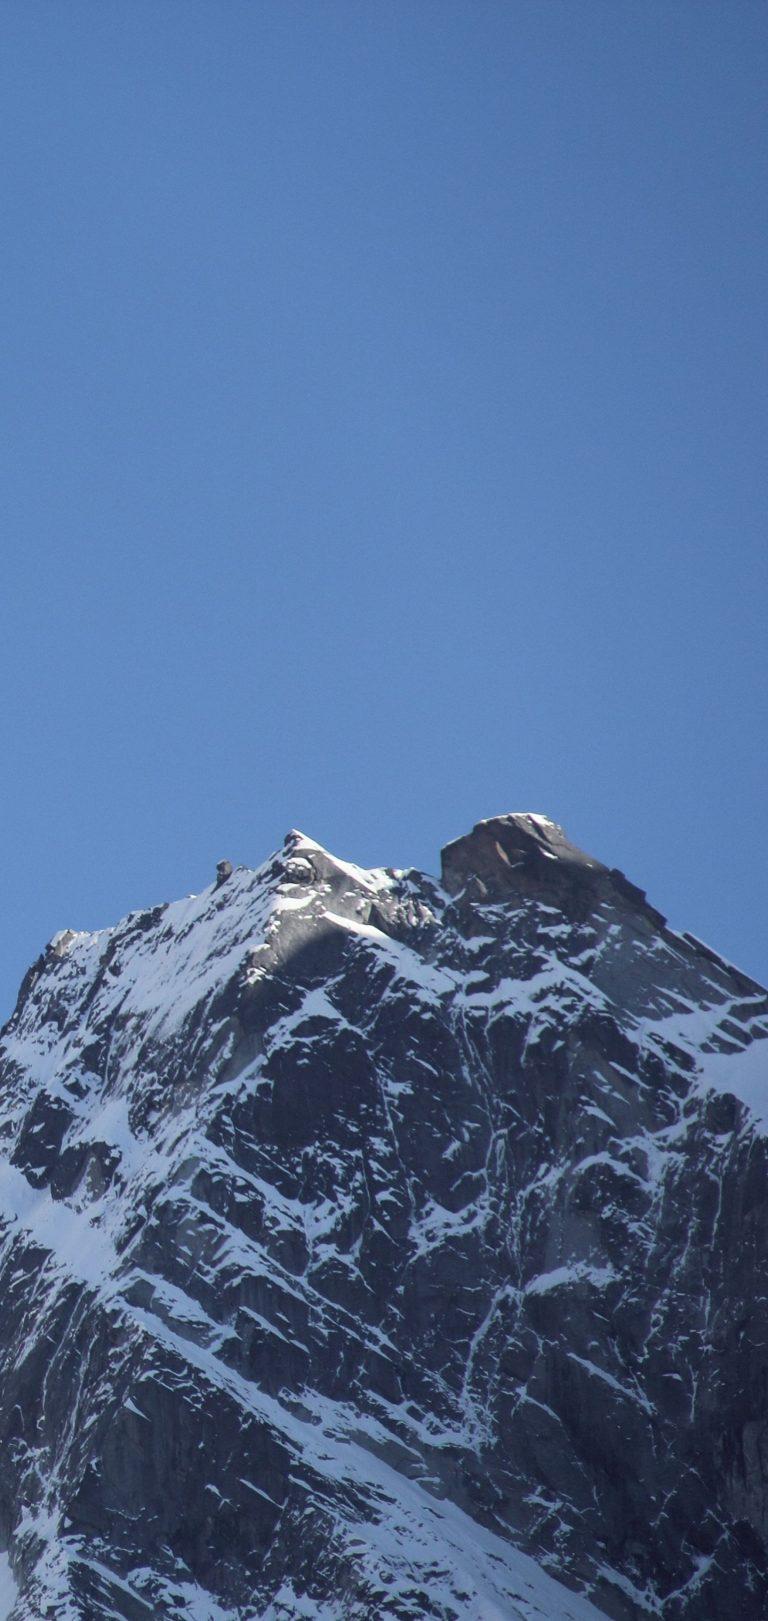 Mountain Top Sky Moon Snow Wallpaper 1440x3040 768x1621